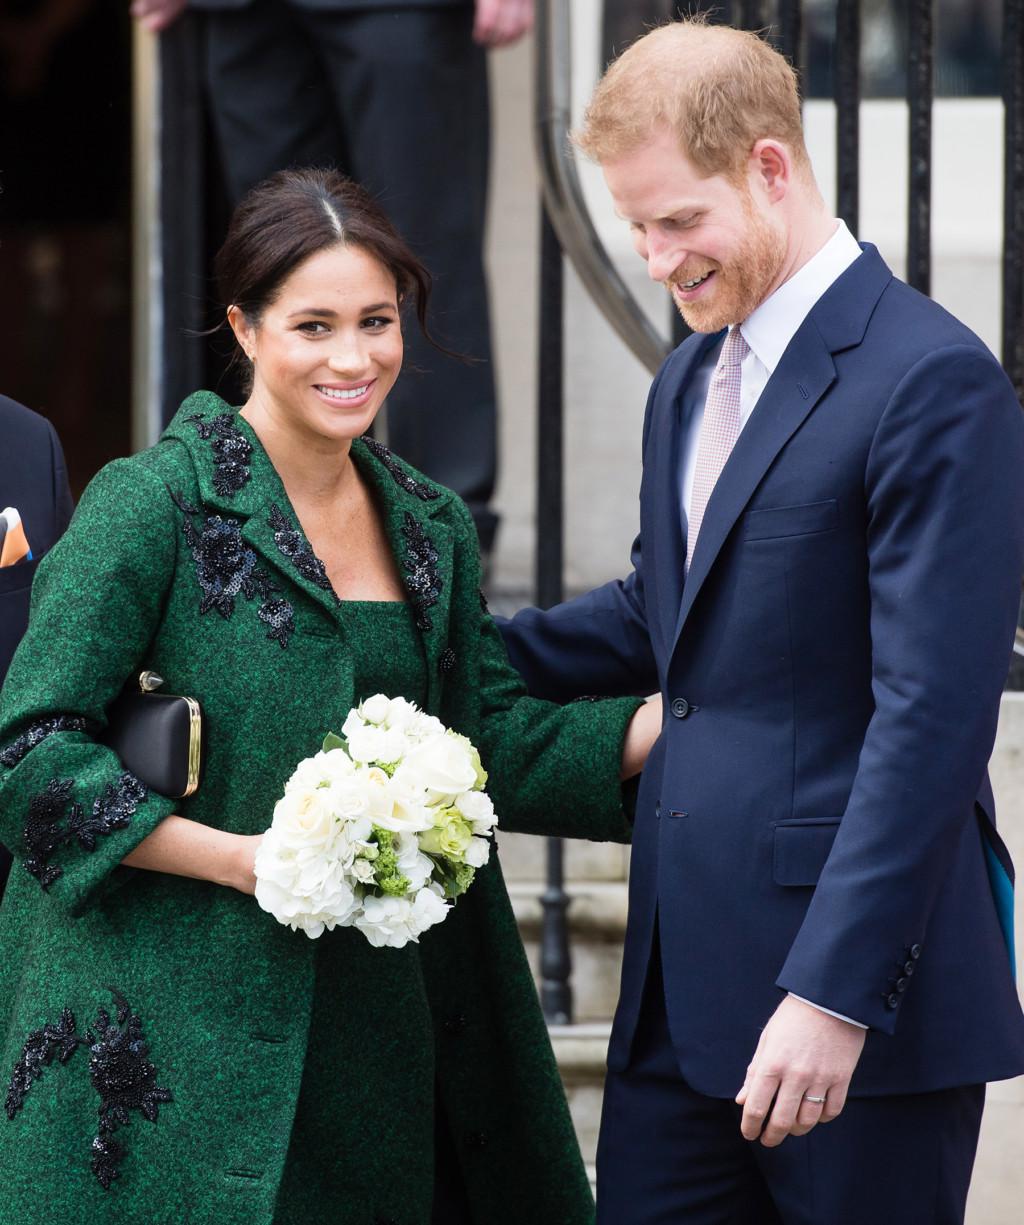 梅根再度挑戰皇室極限!寶寶出生就「一輩子不能吃肉」 知情人爆:這次真的惹到女王了